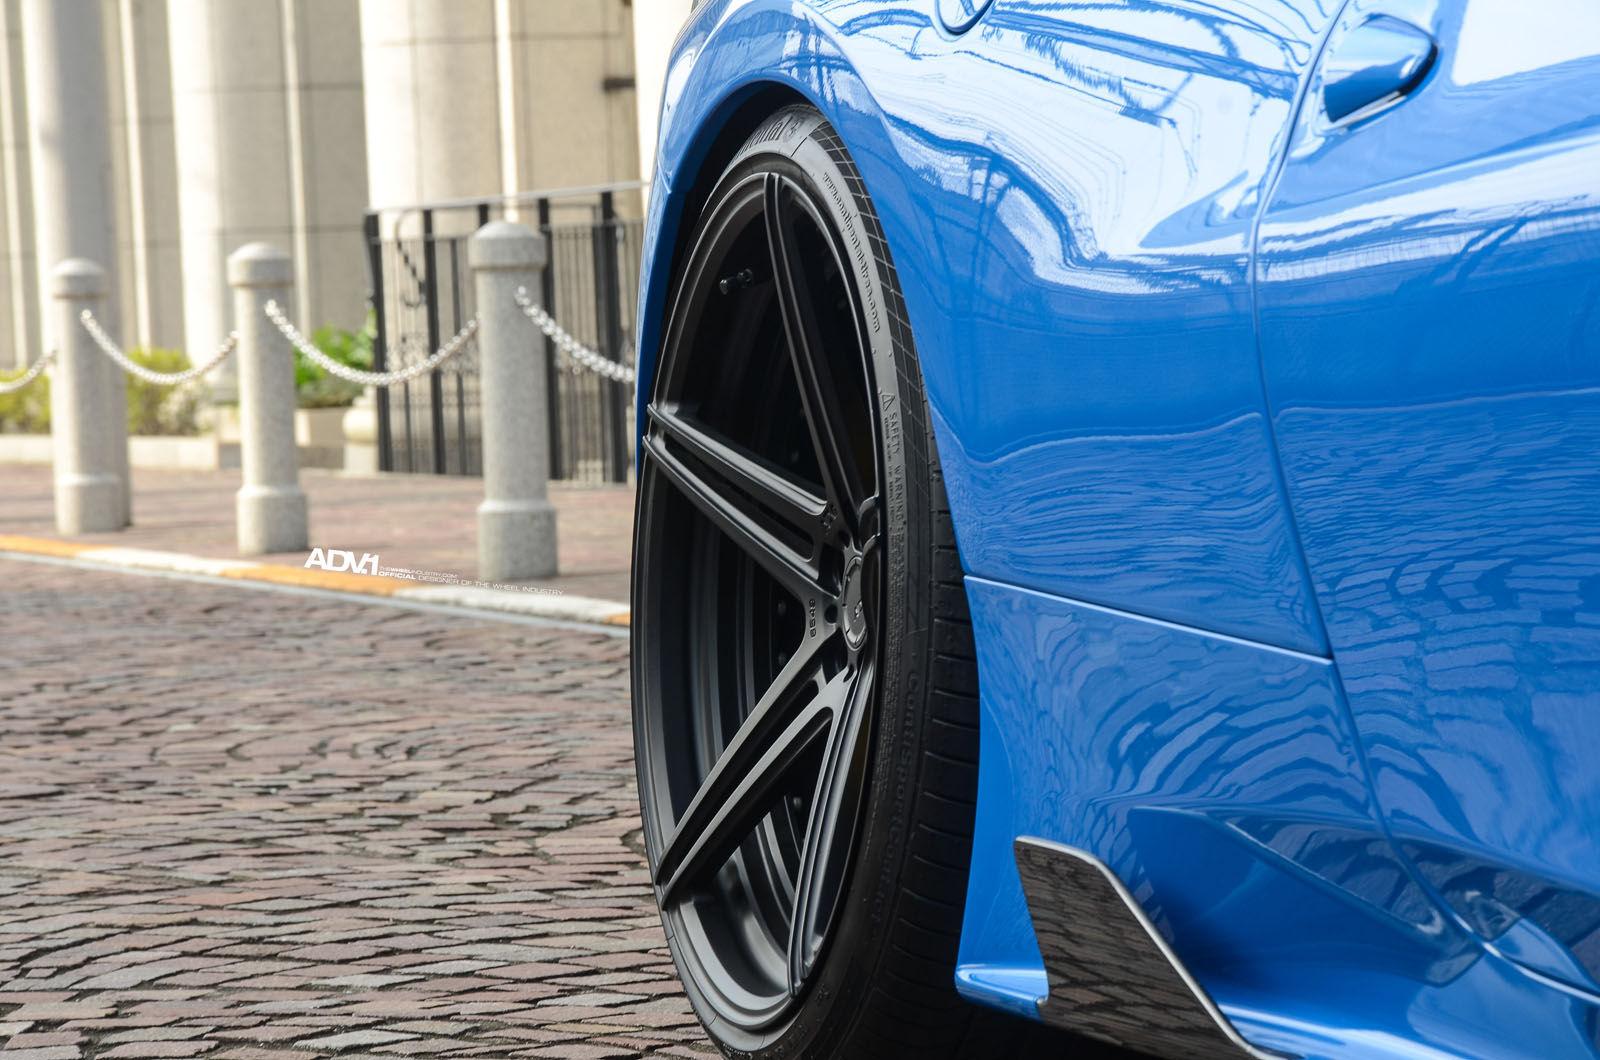 Ferrari 458 Italia   ADV.1 Wheels Ferrari 458 Speicale